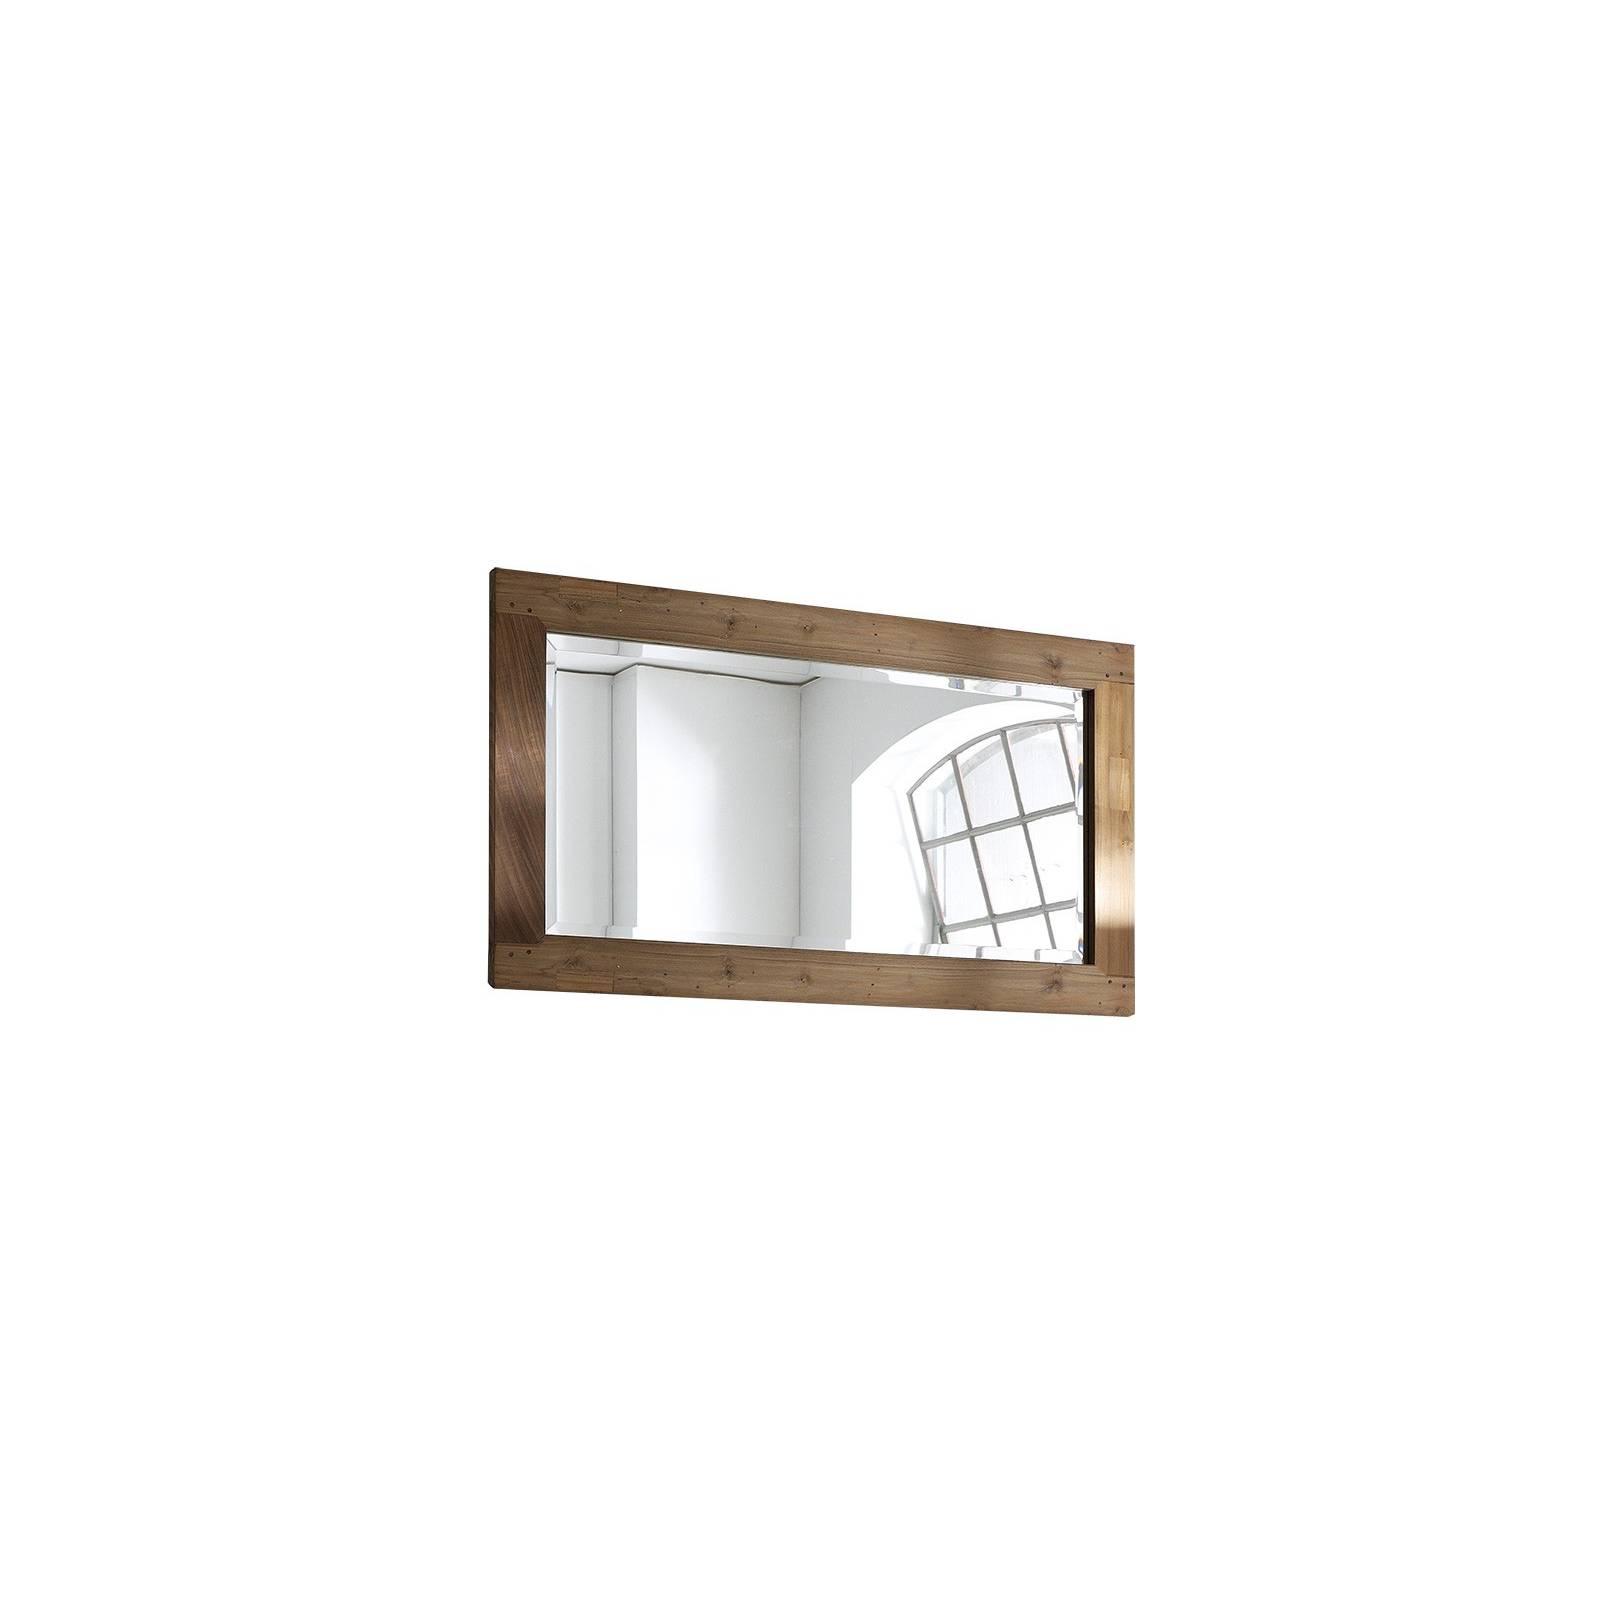 Miroir Greenface Teck Recyclé - meuble déco